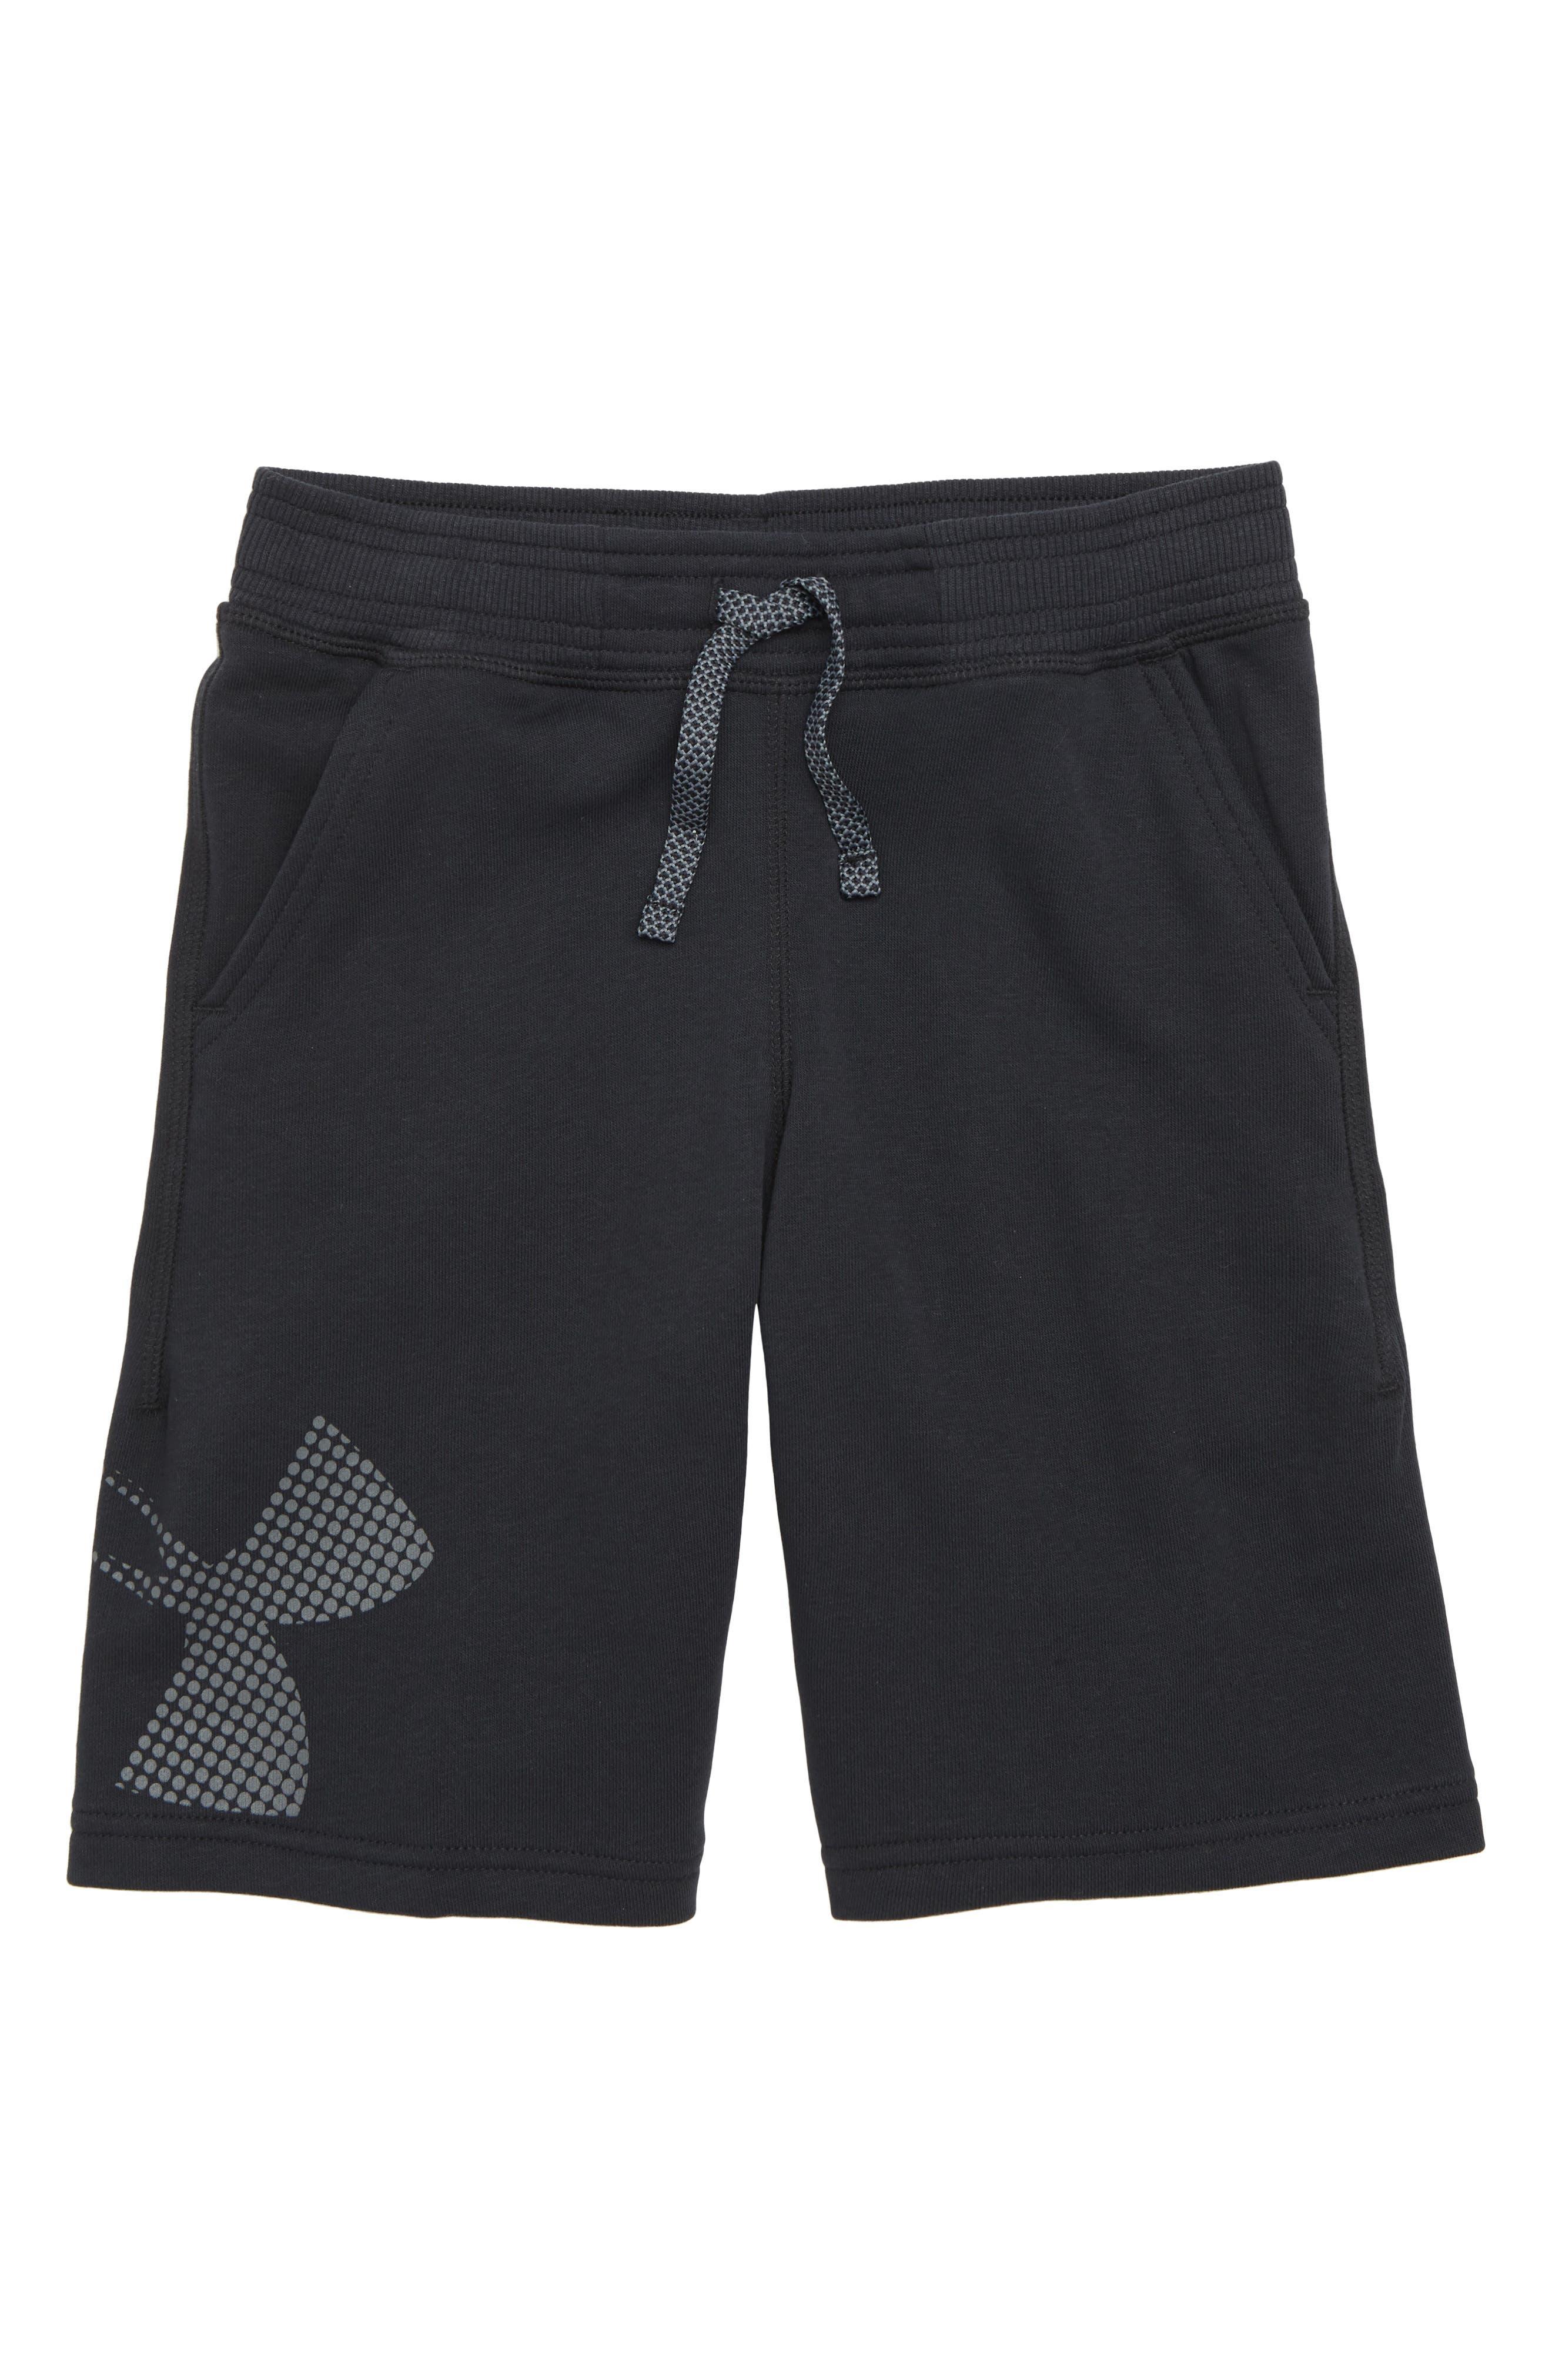 Graphic Knit Shorts,                             Main thumbnail 1, color,                             001